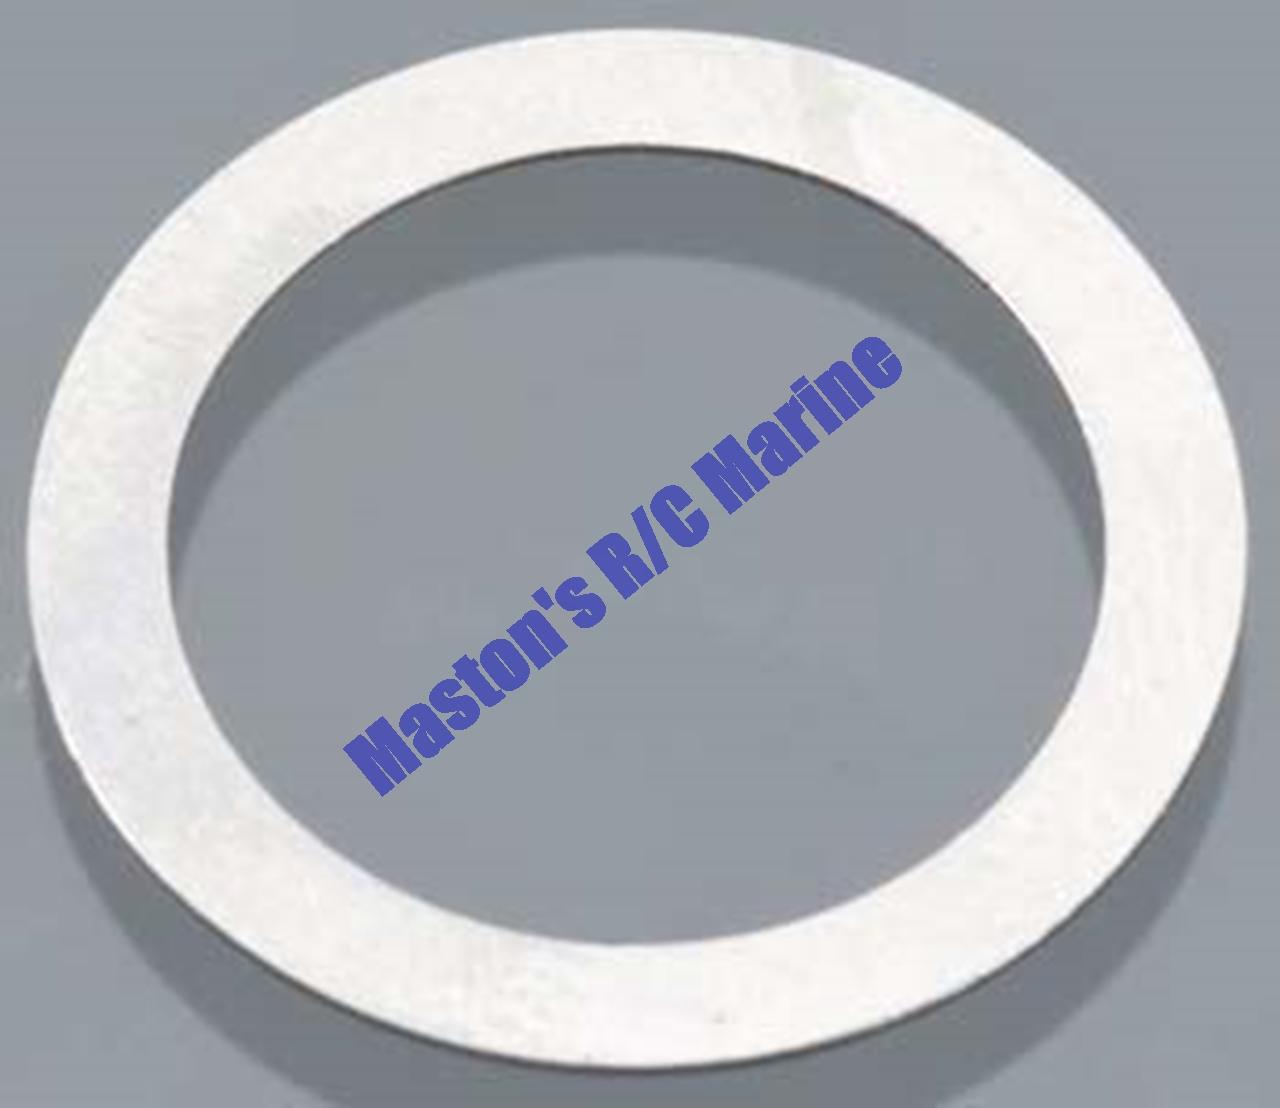 Picture of Crankshaft  bearing shim